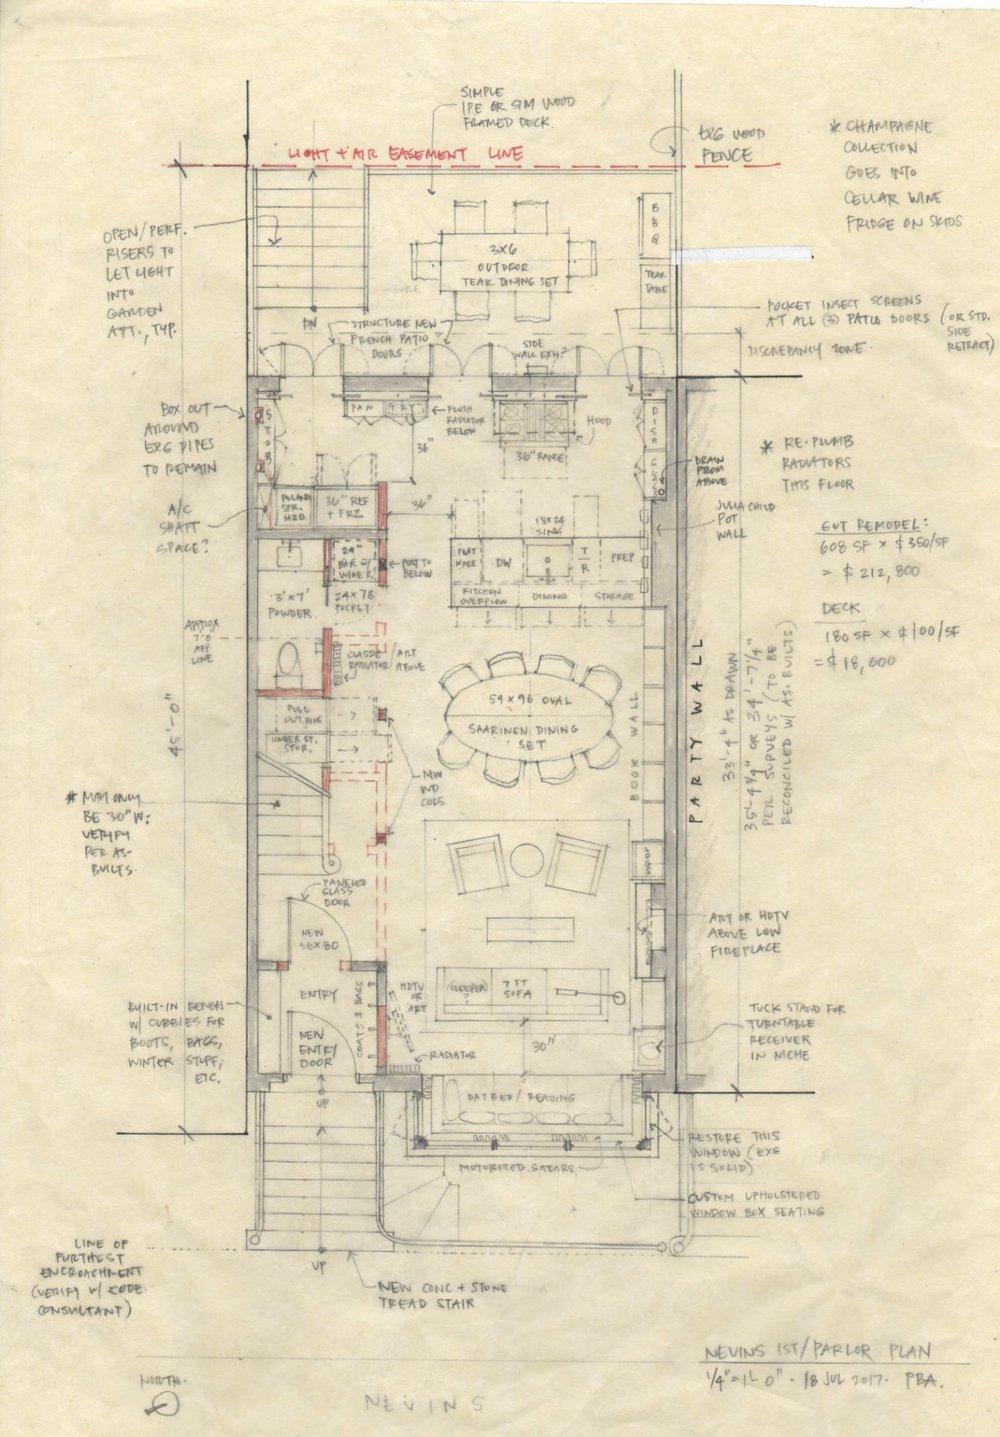 CONCEPTUAL FLOOR PLAN FOR A HOUSE